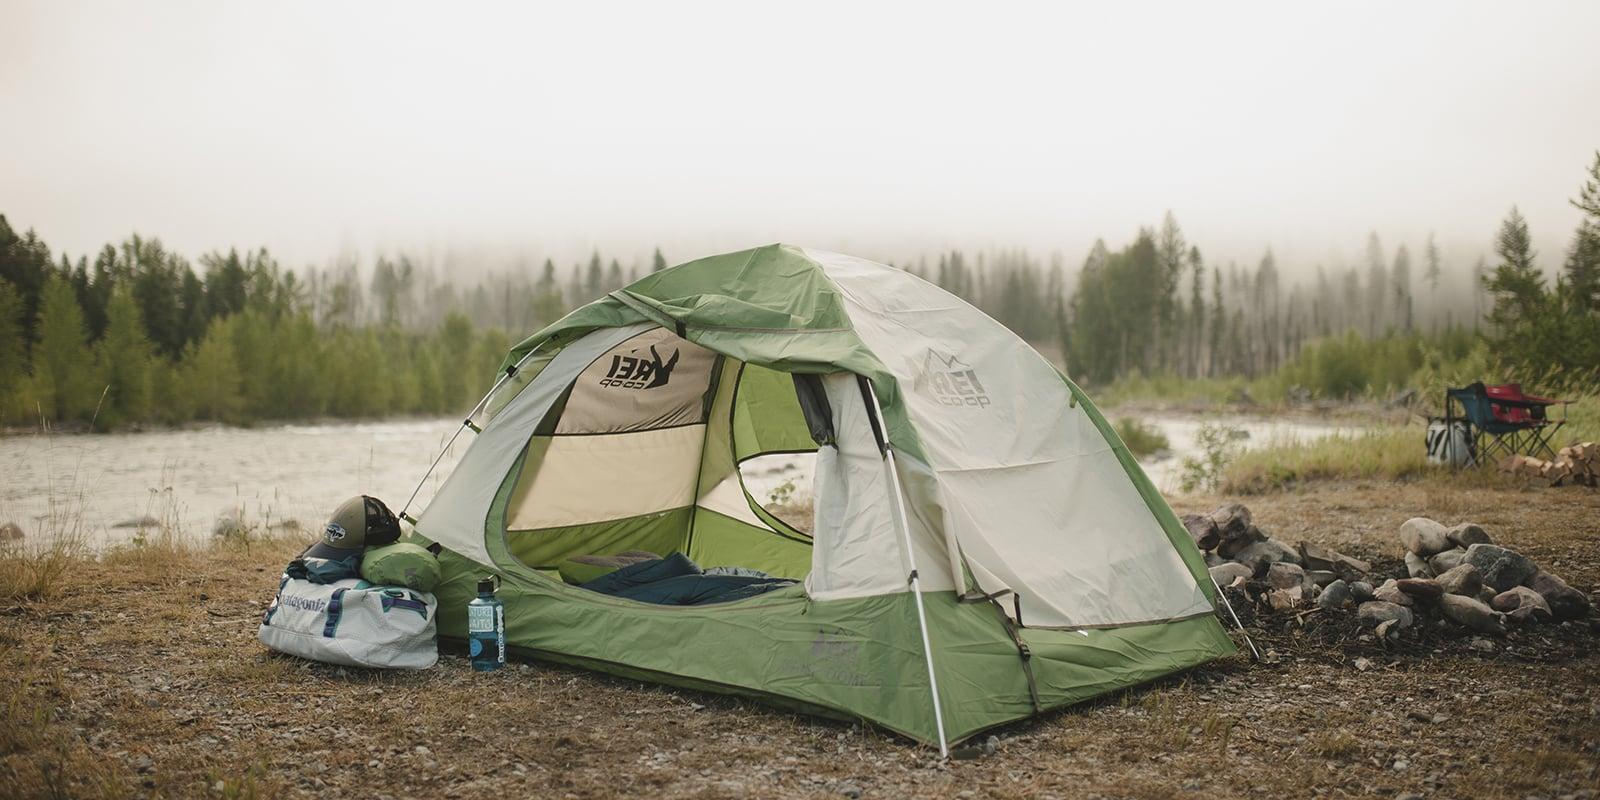 Lều cắm trại mang đến không gian ngủ thoải mái